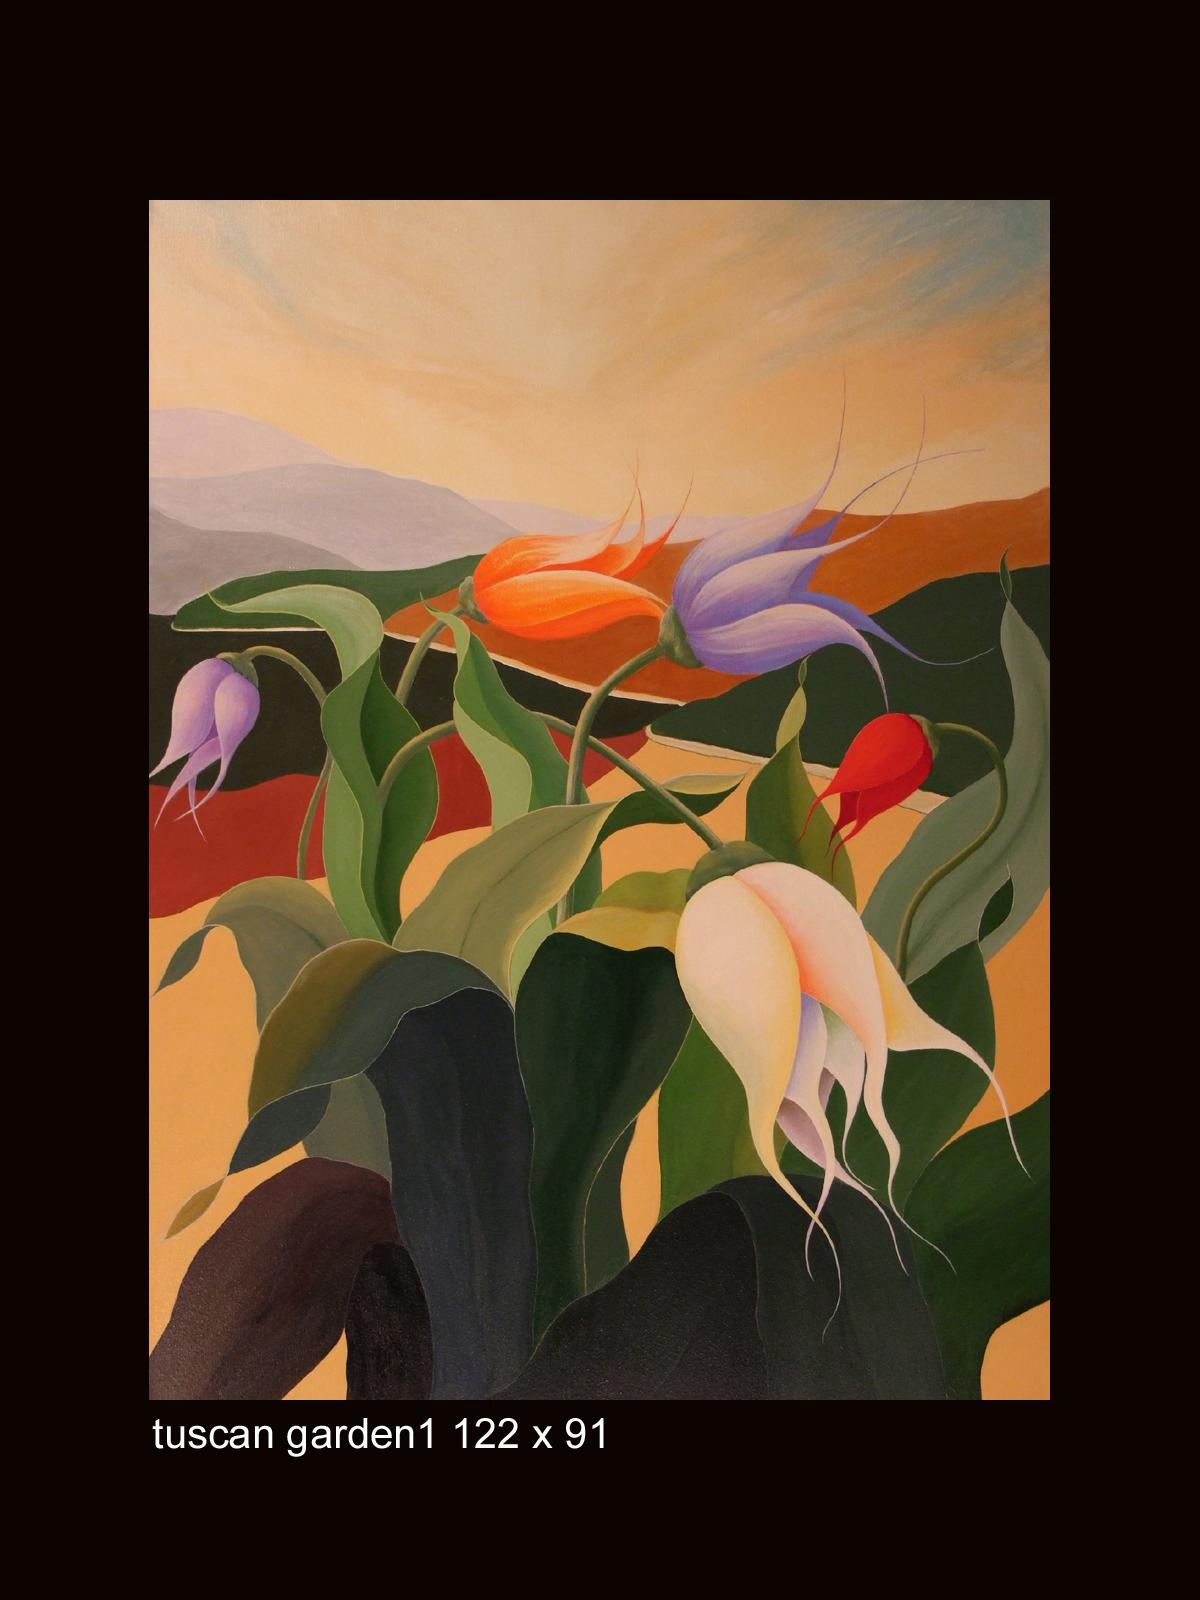 acrylic_tuscan garden1_122x91a